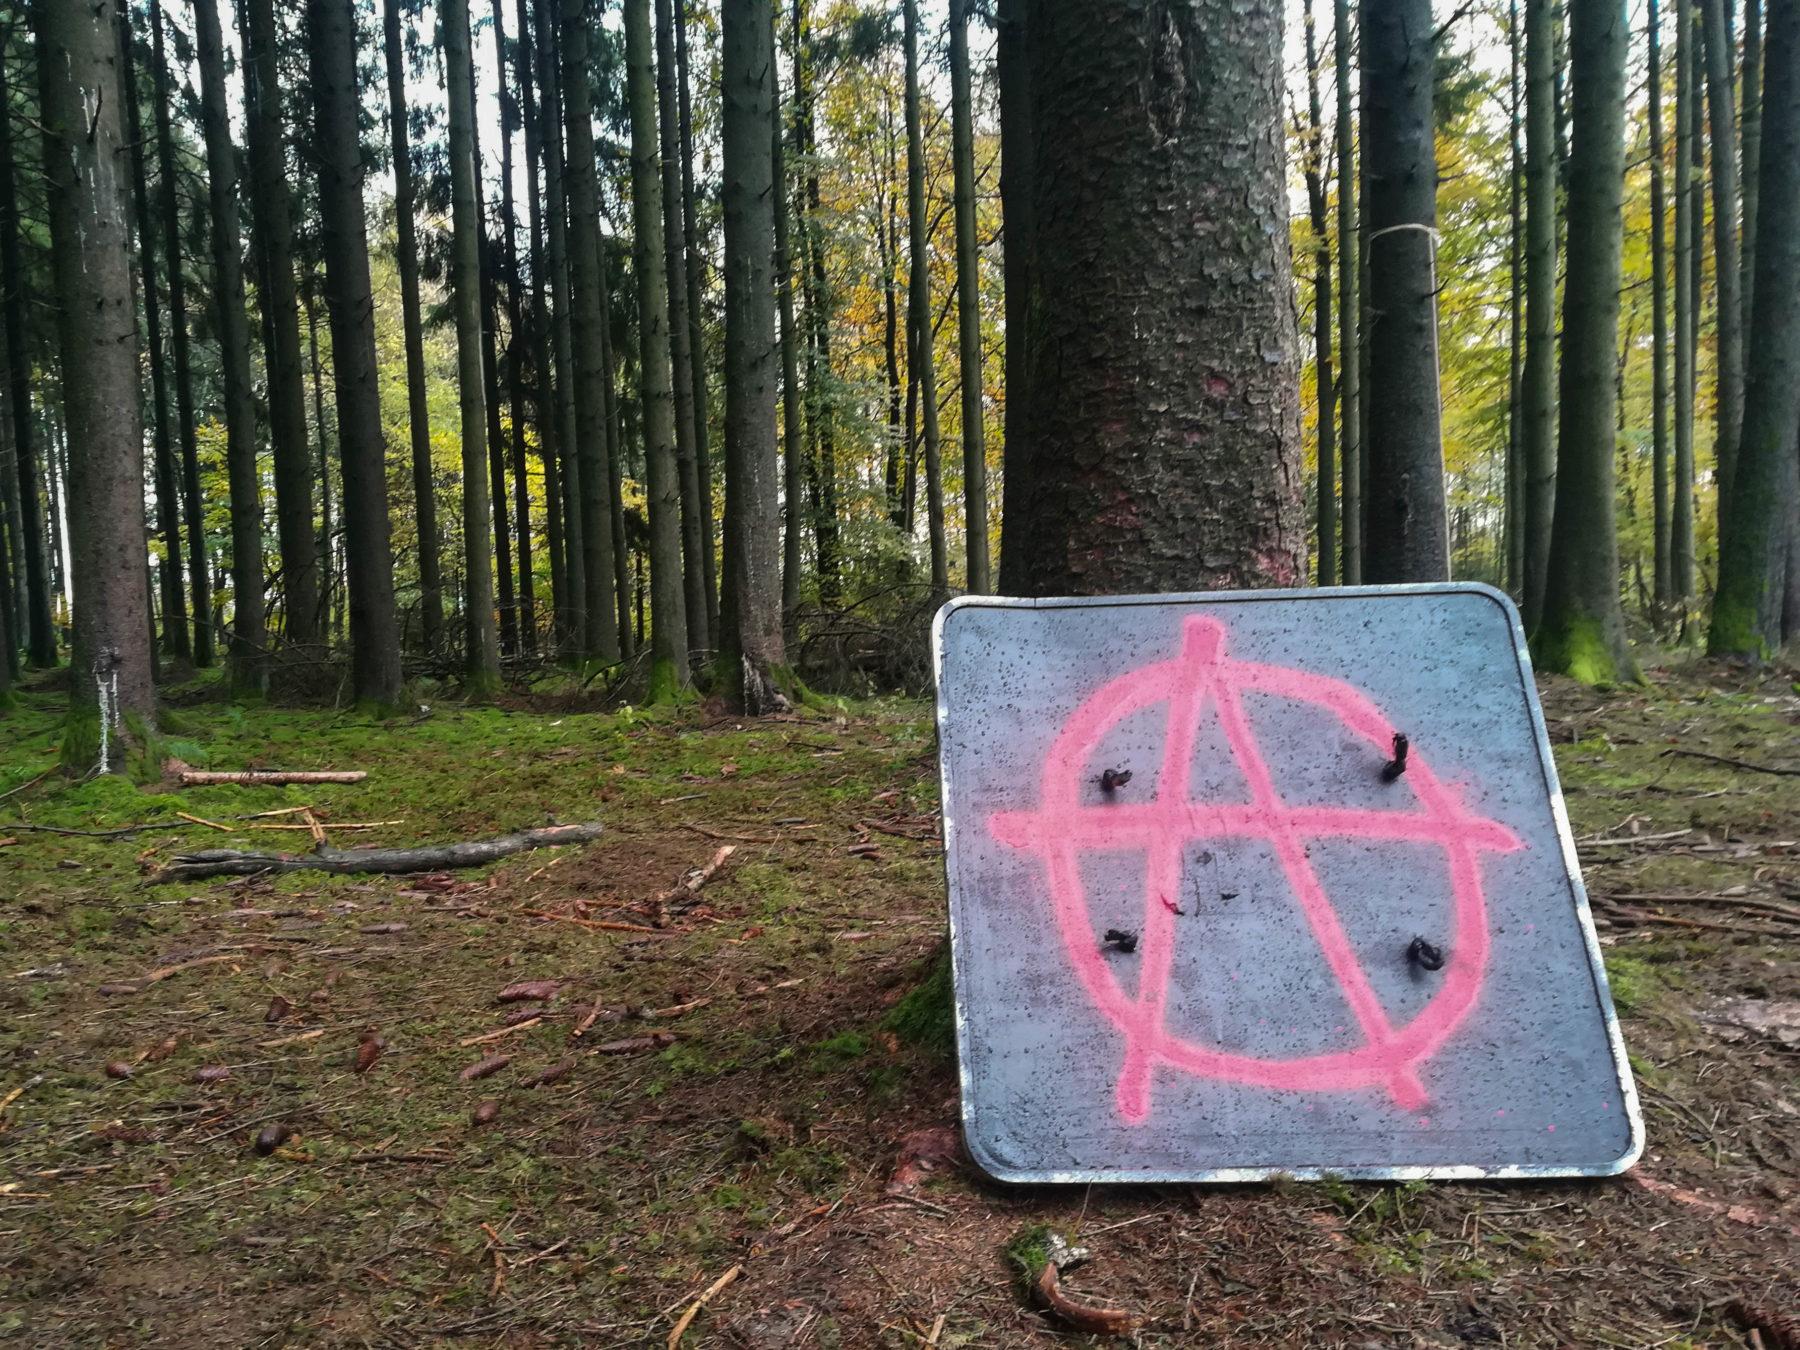 Le A de Anarchie trône fièrement au milieu des arbres.